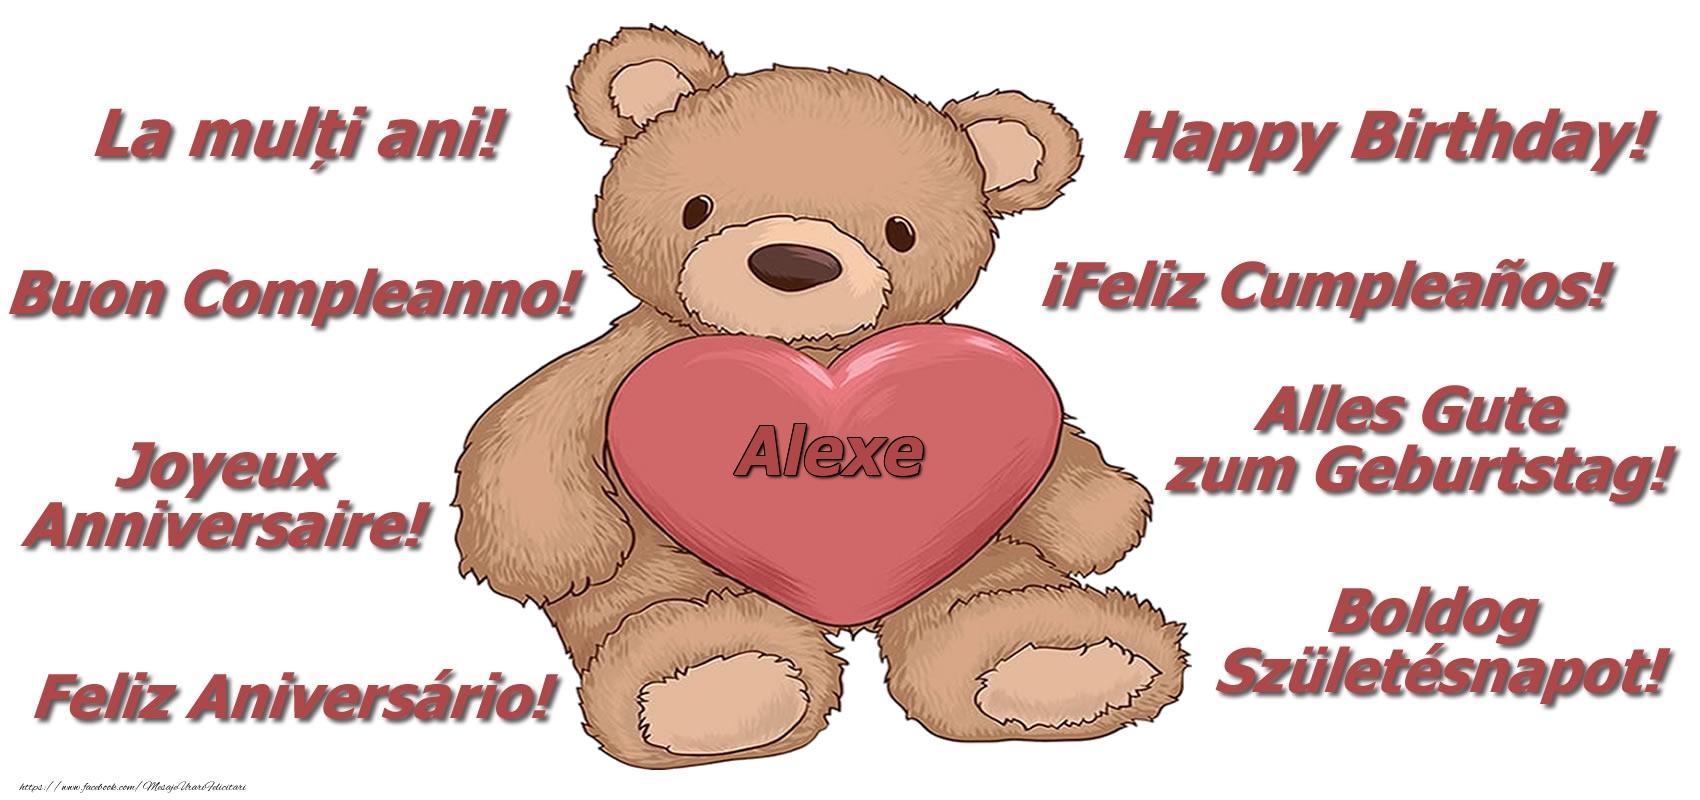 Felicitari de zi de nastere - La multi ani Alexe! - Ursulet